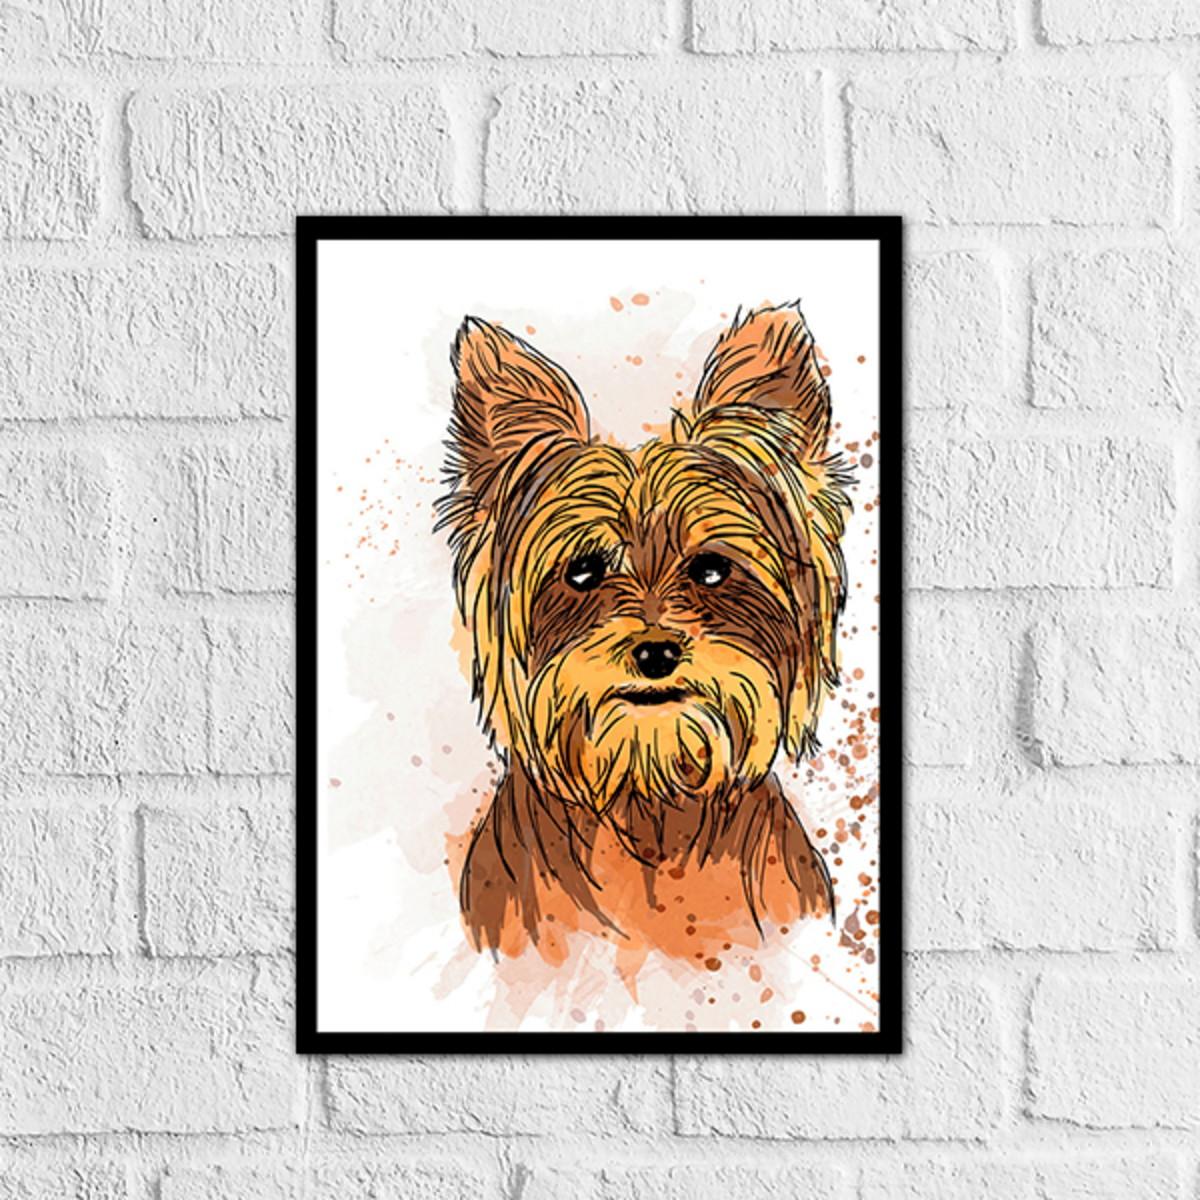 Placa Decorativa Animal De Estimação Gato Cachorro Frases